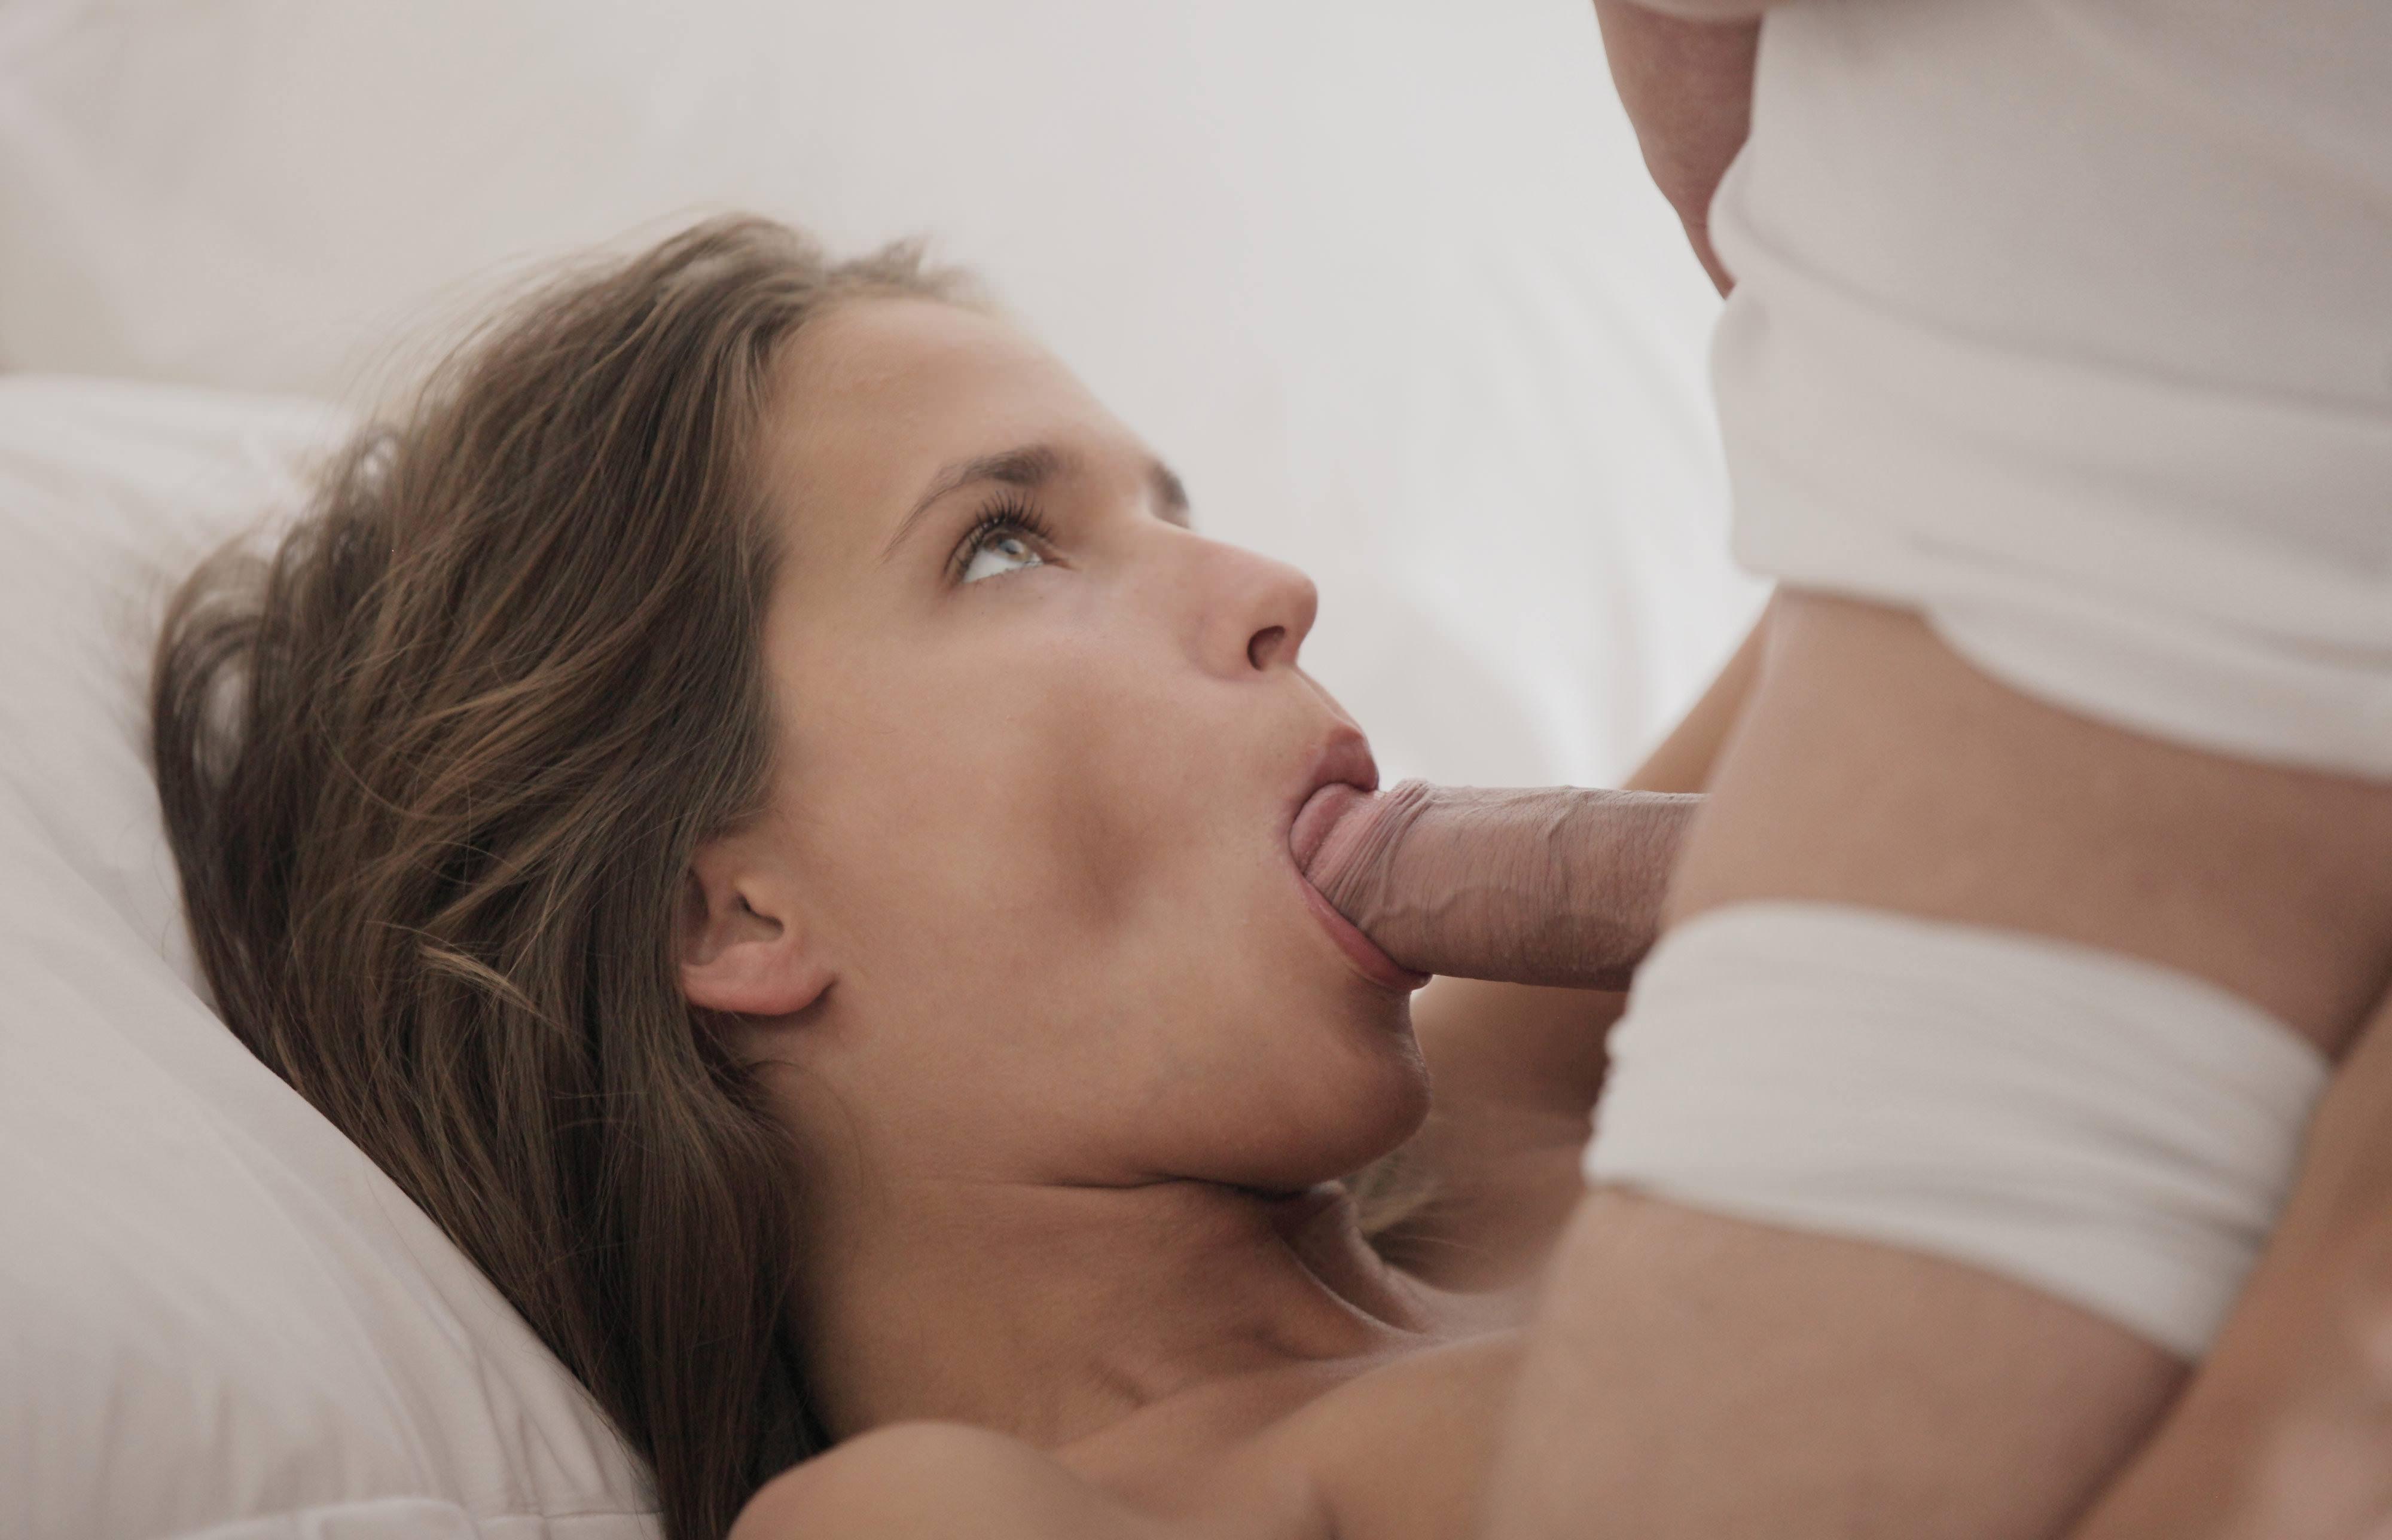 Фото Парень сунул член в рот спящей девушки, Катя Гловер делает минет, девушка нежно обхватила член губками в постели, скачать картинку бесплатно